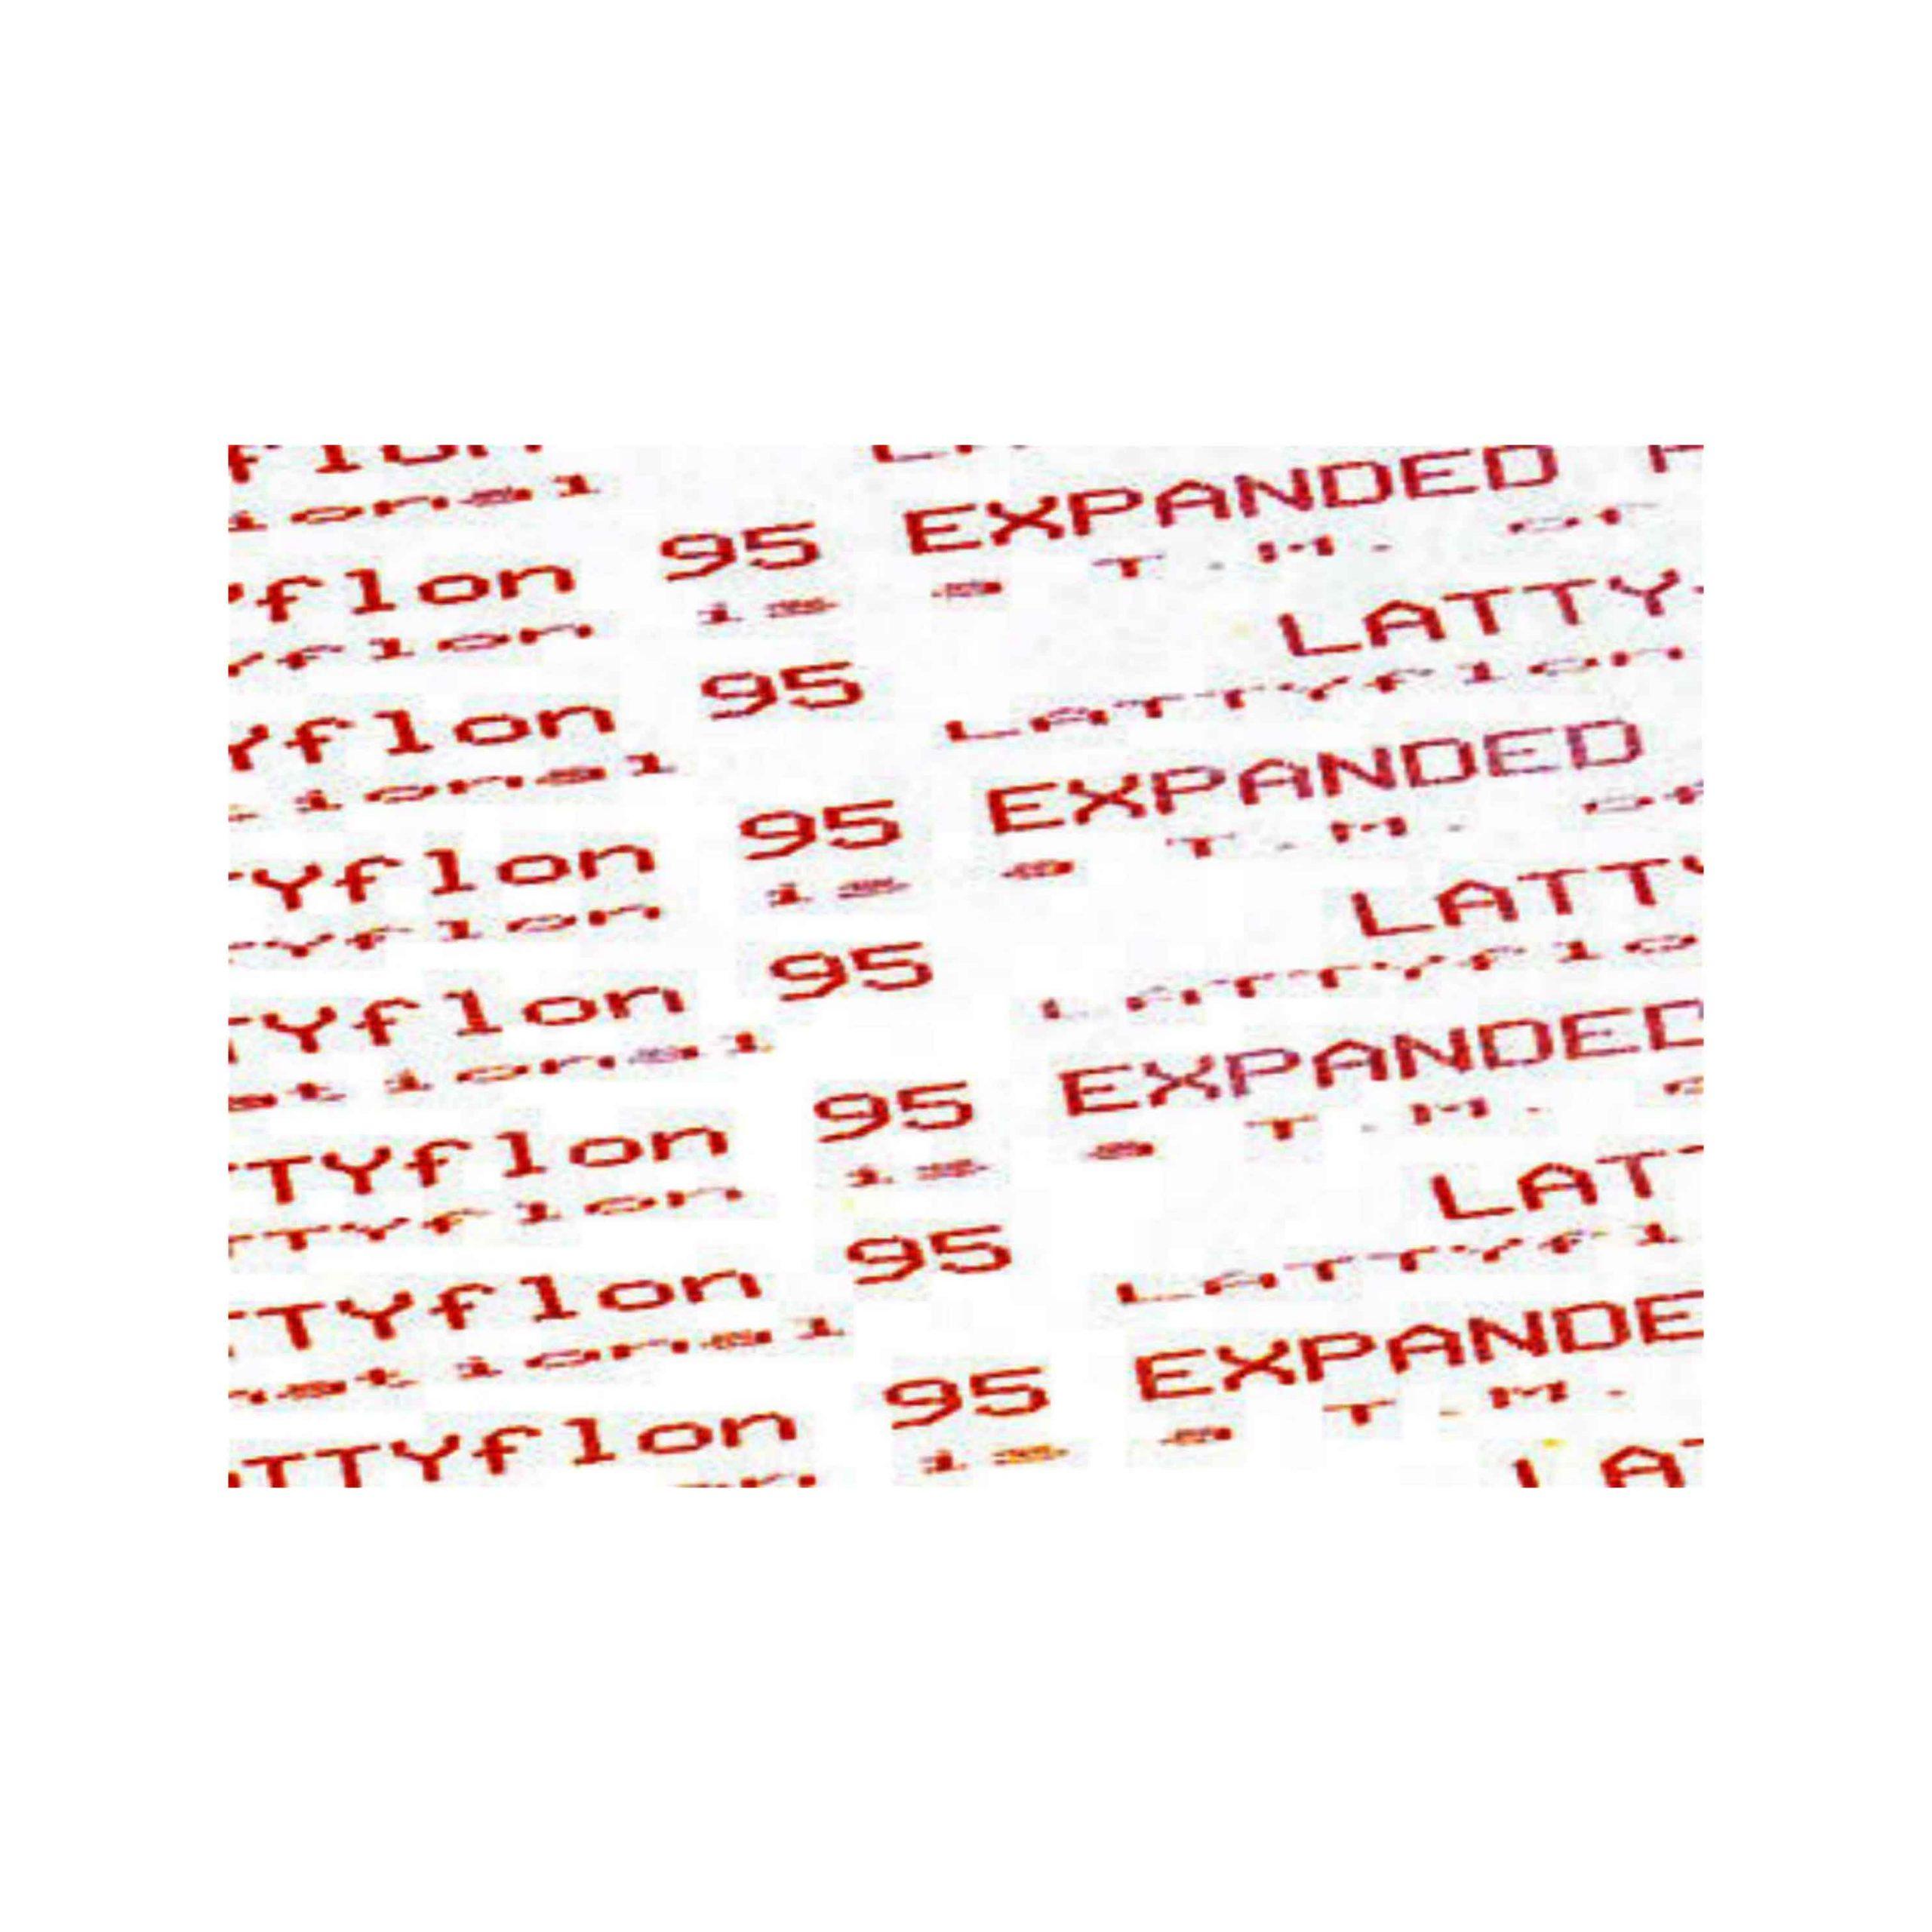 LATTY_FLON_95_REF_6754_GARNITURES_ETANCHEITE_BSB_CAOUTCHOUCS_PLASTIQUES